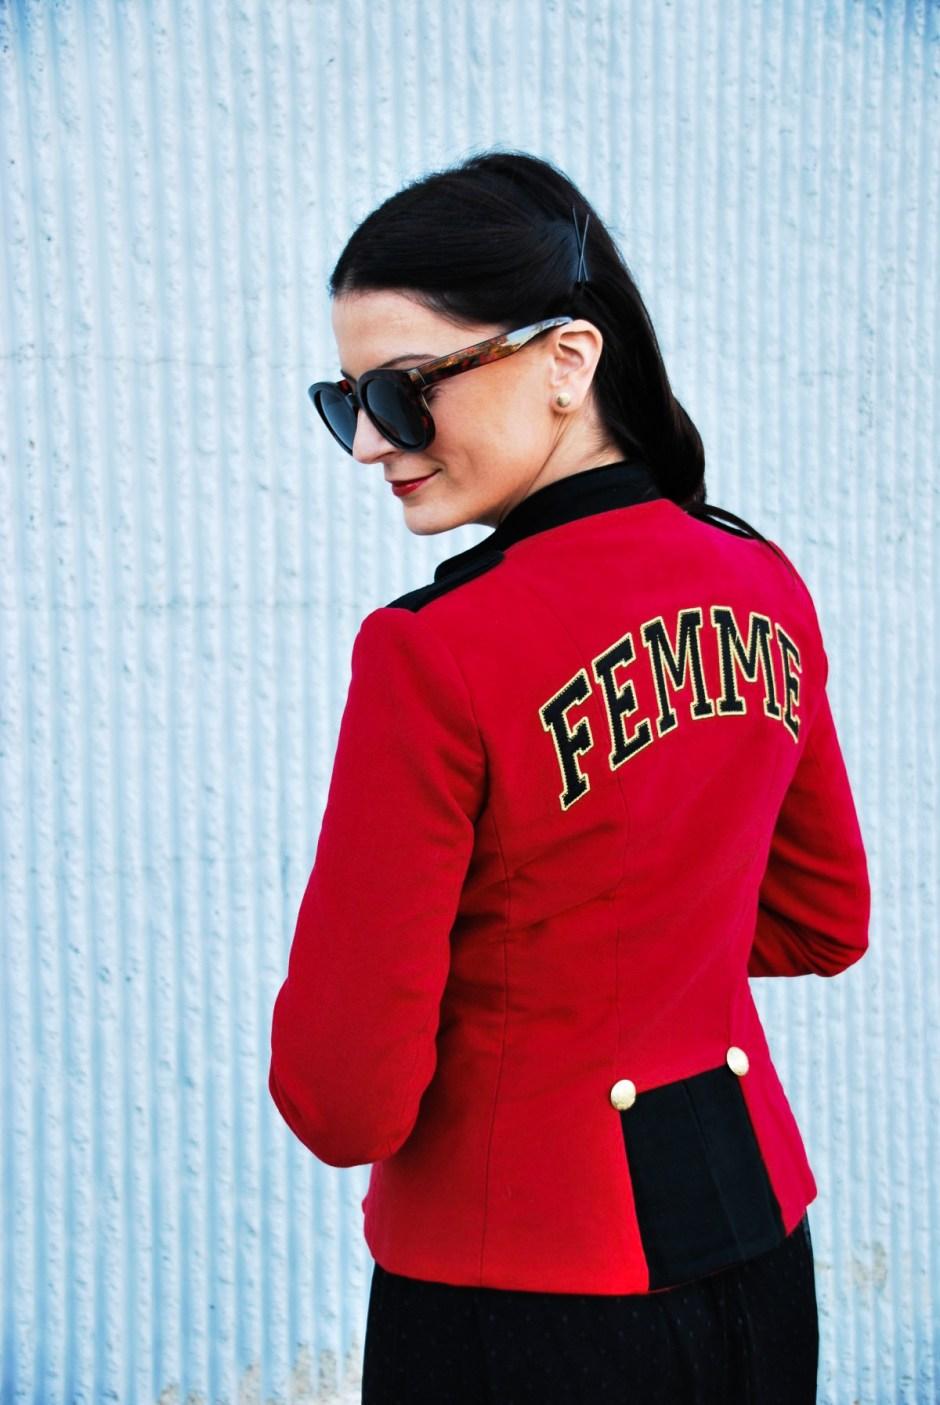 red frames, red jacket